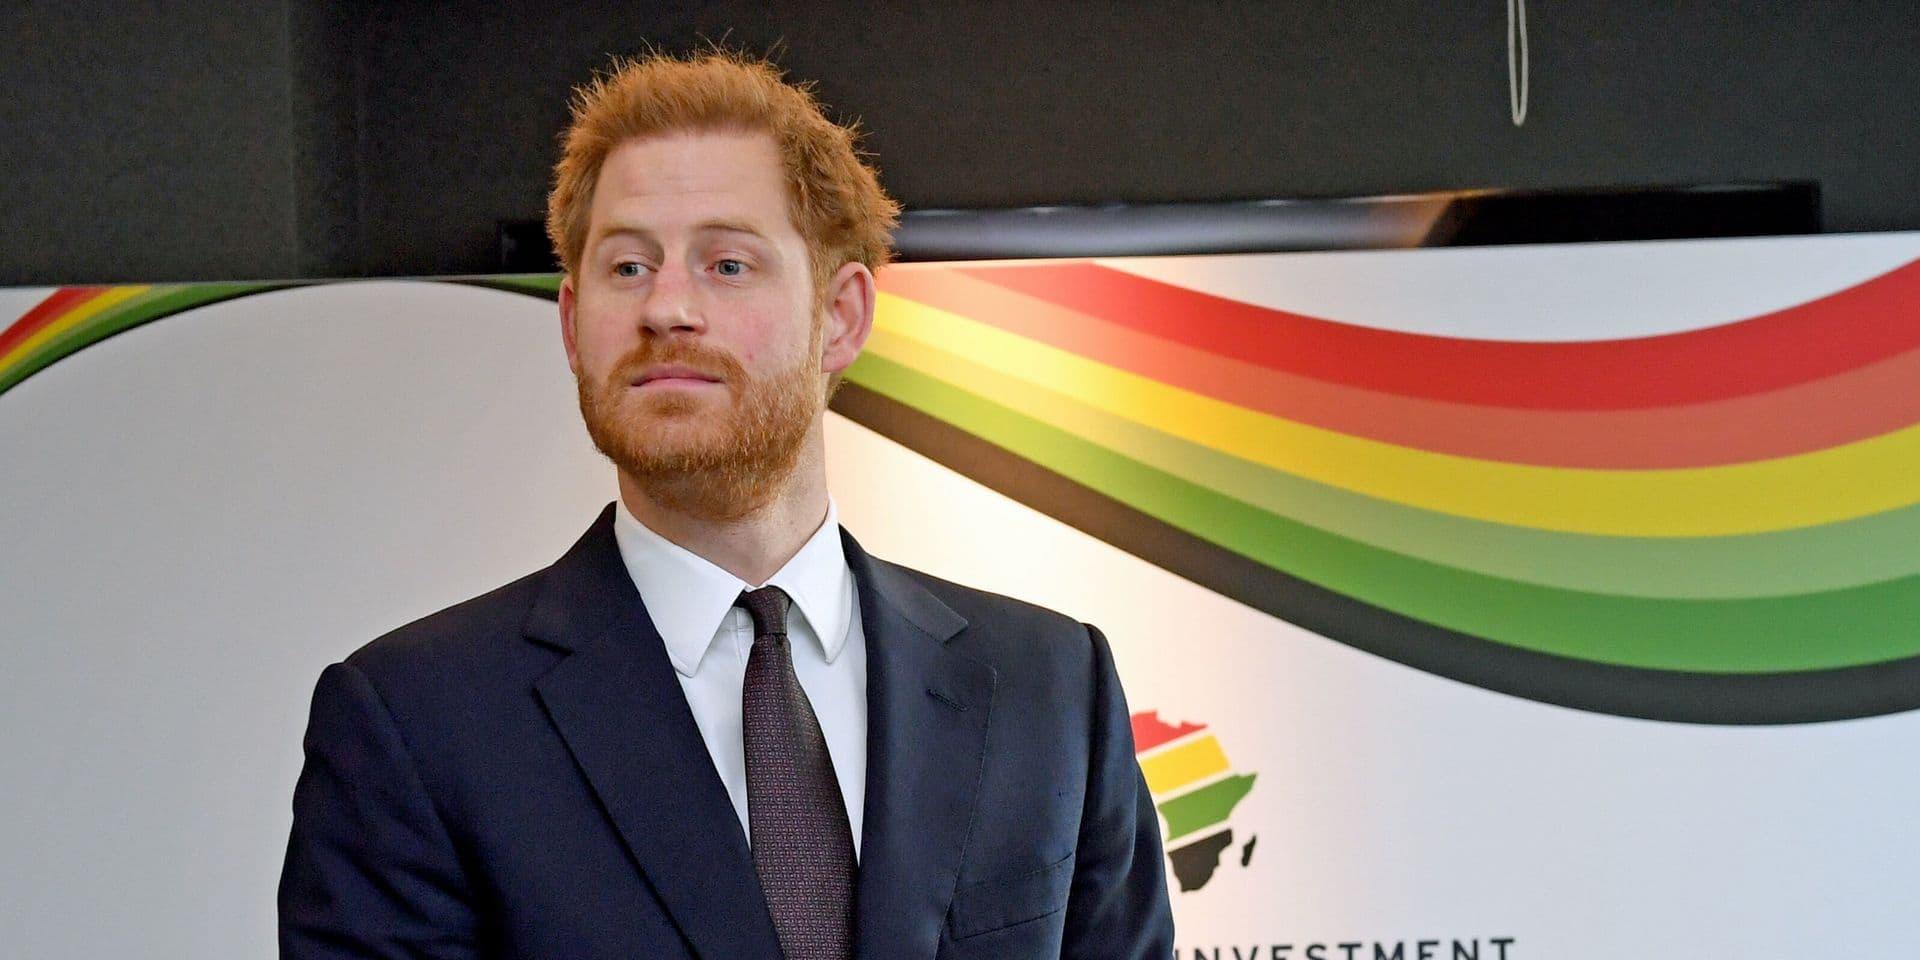 Avenir doré : le prince Harry serait en discussions avancées avec un géant de la finance